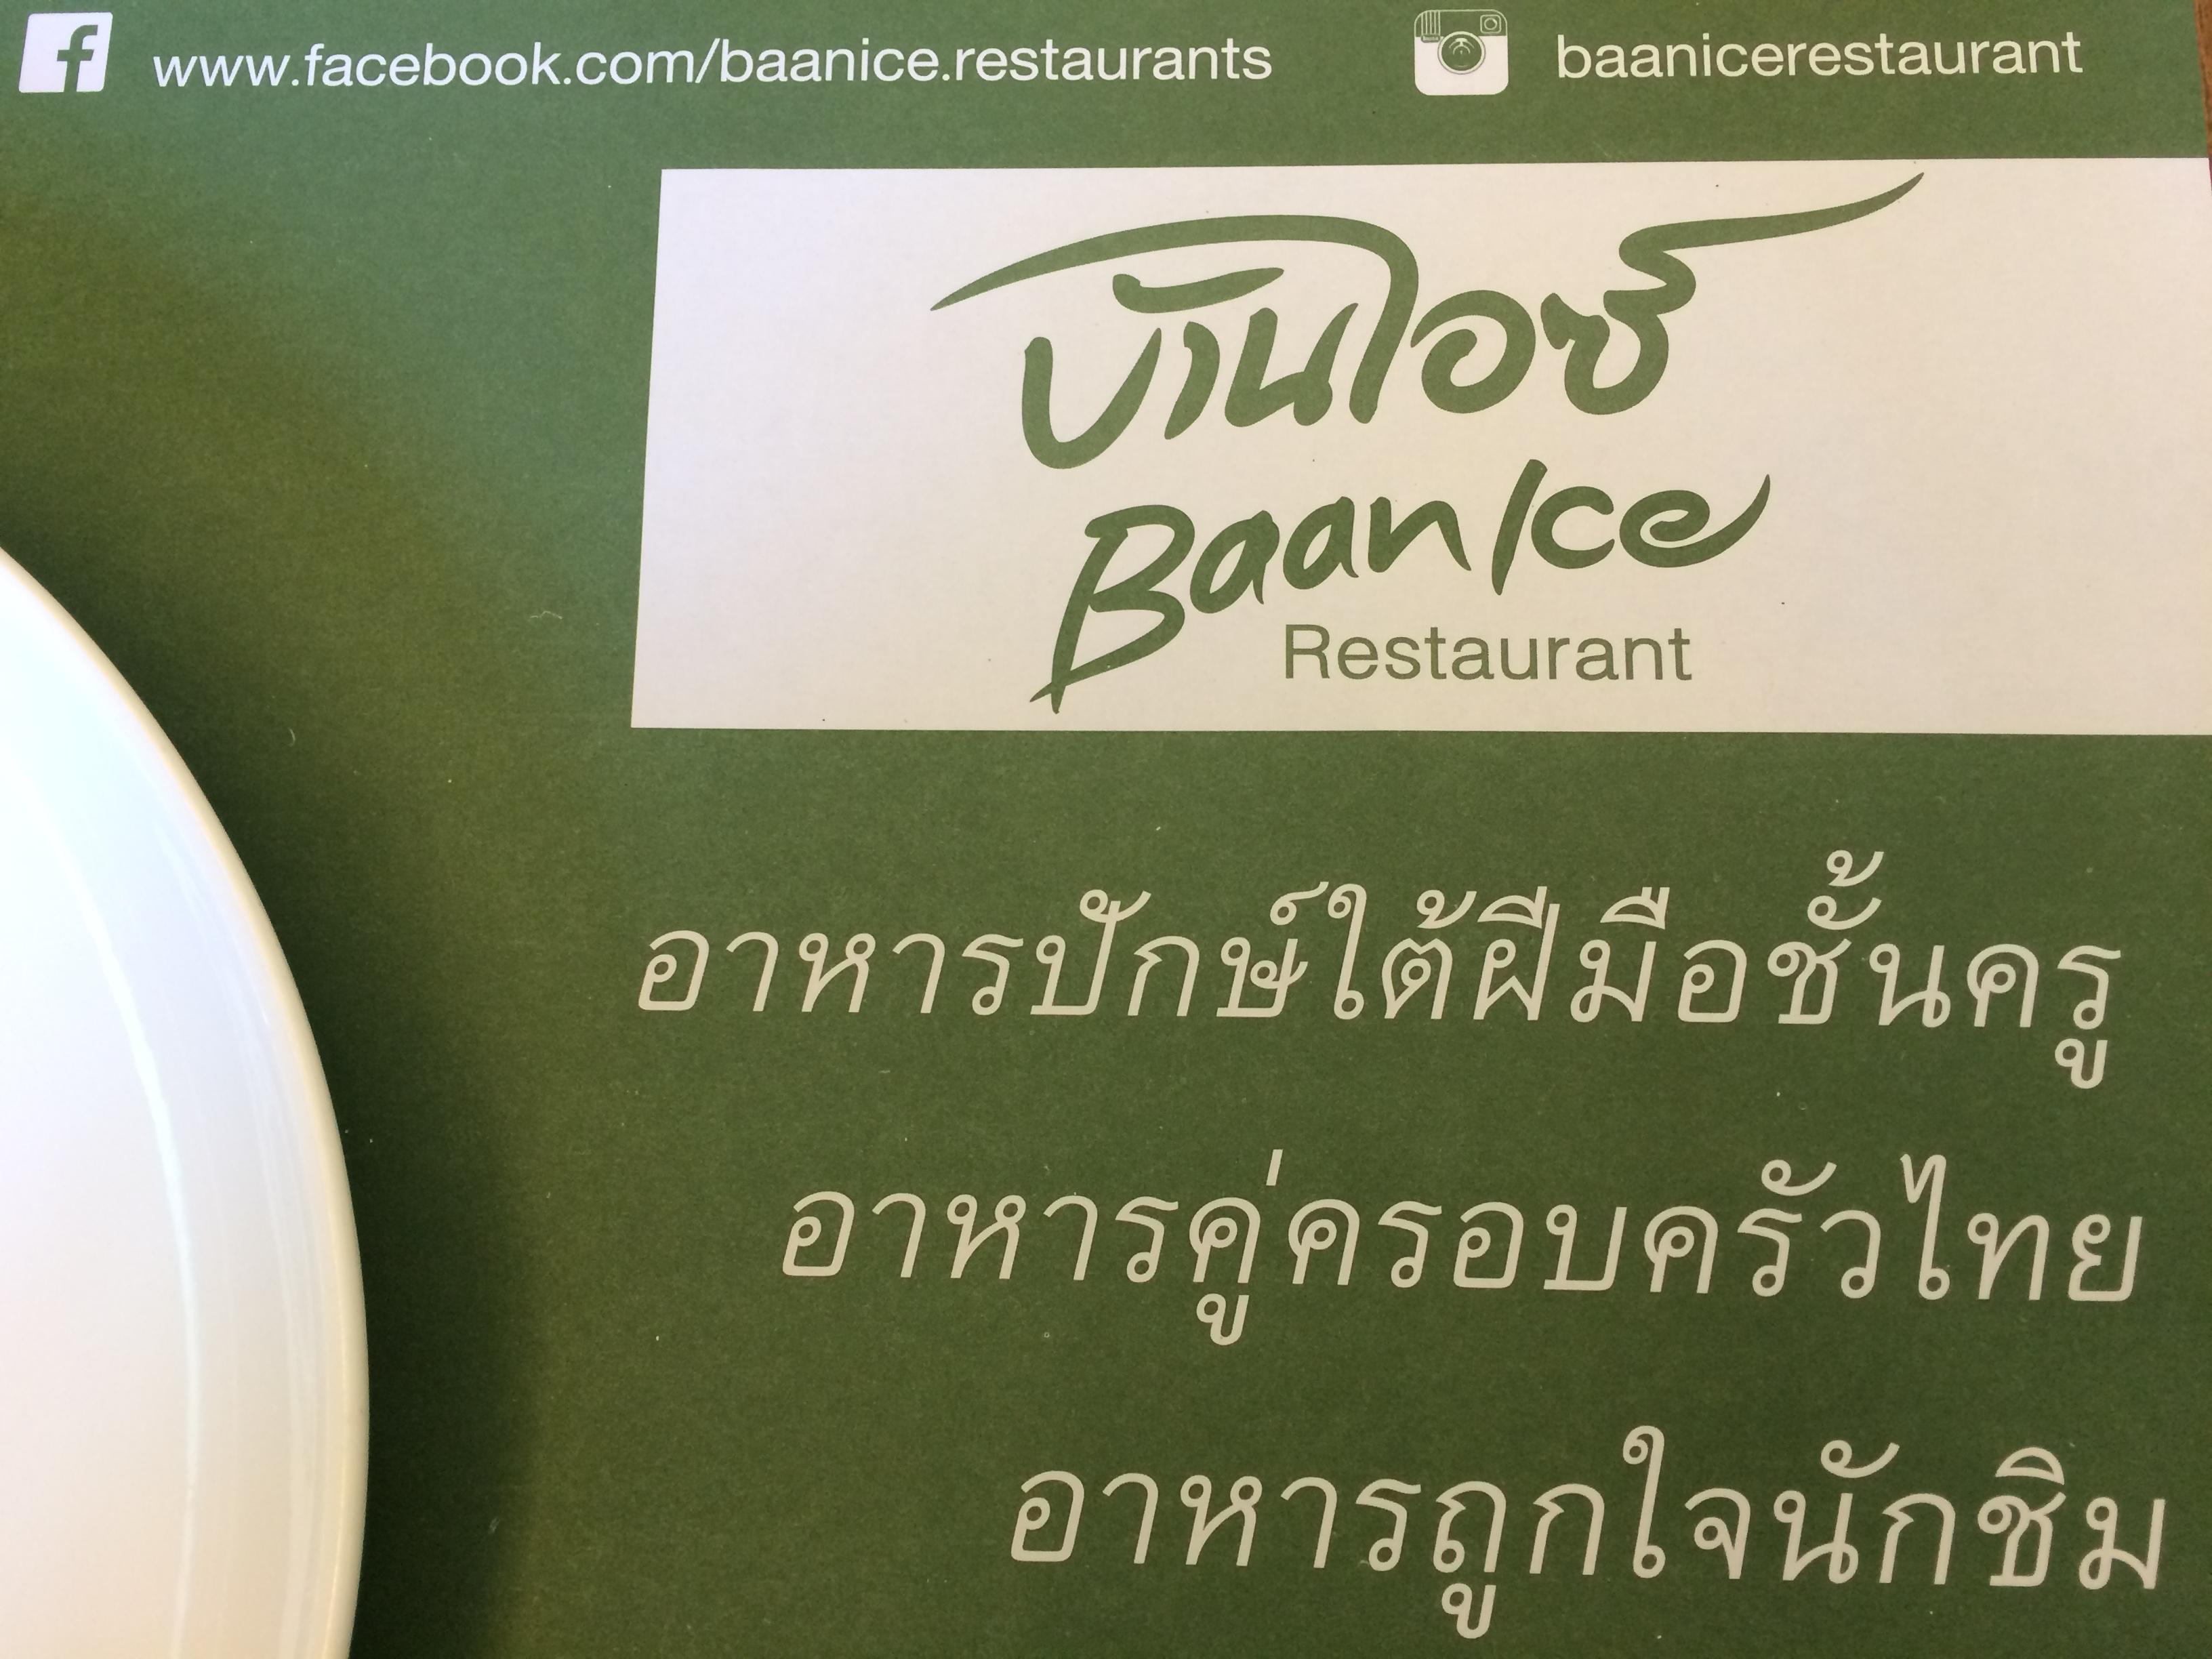 Baan Ice(バーン・アイス)